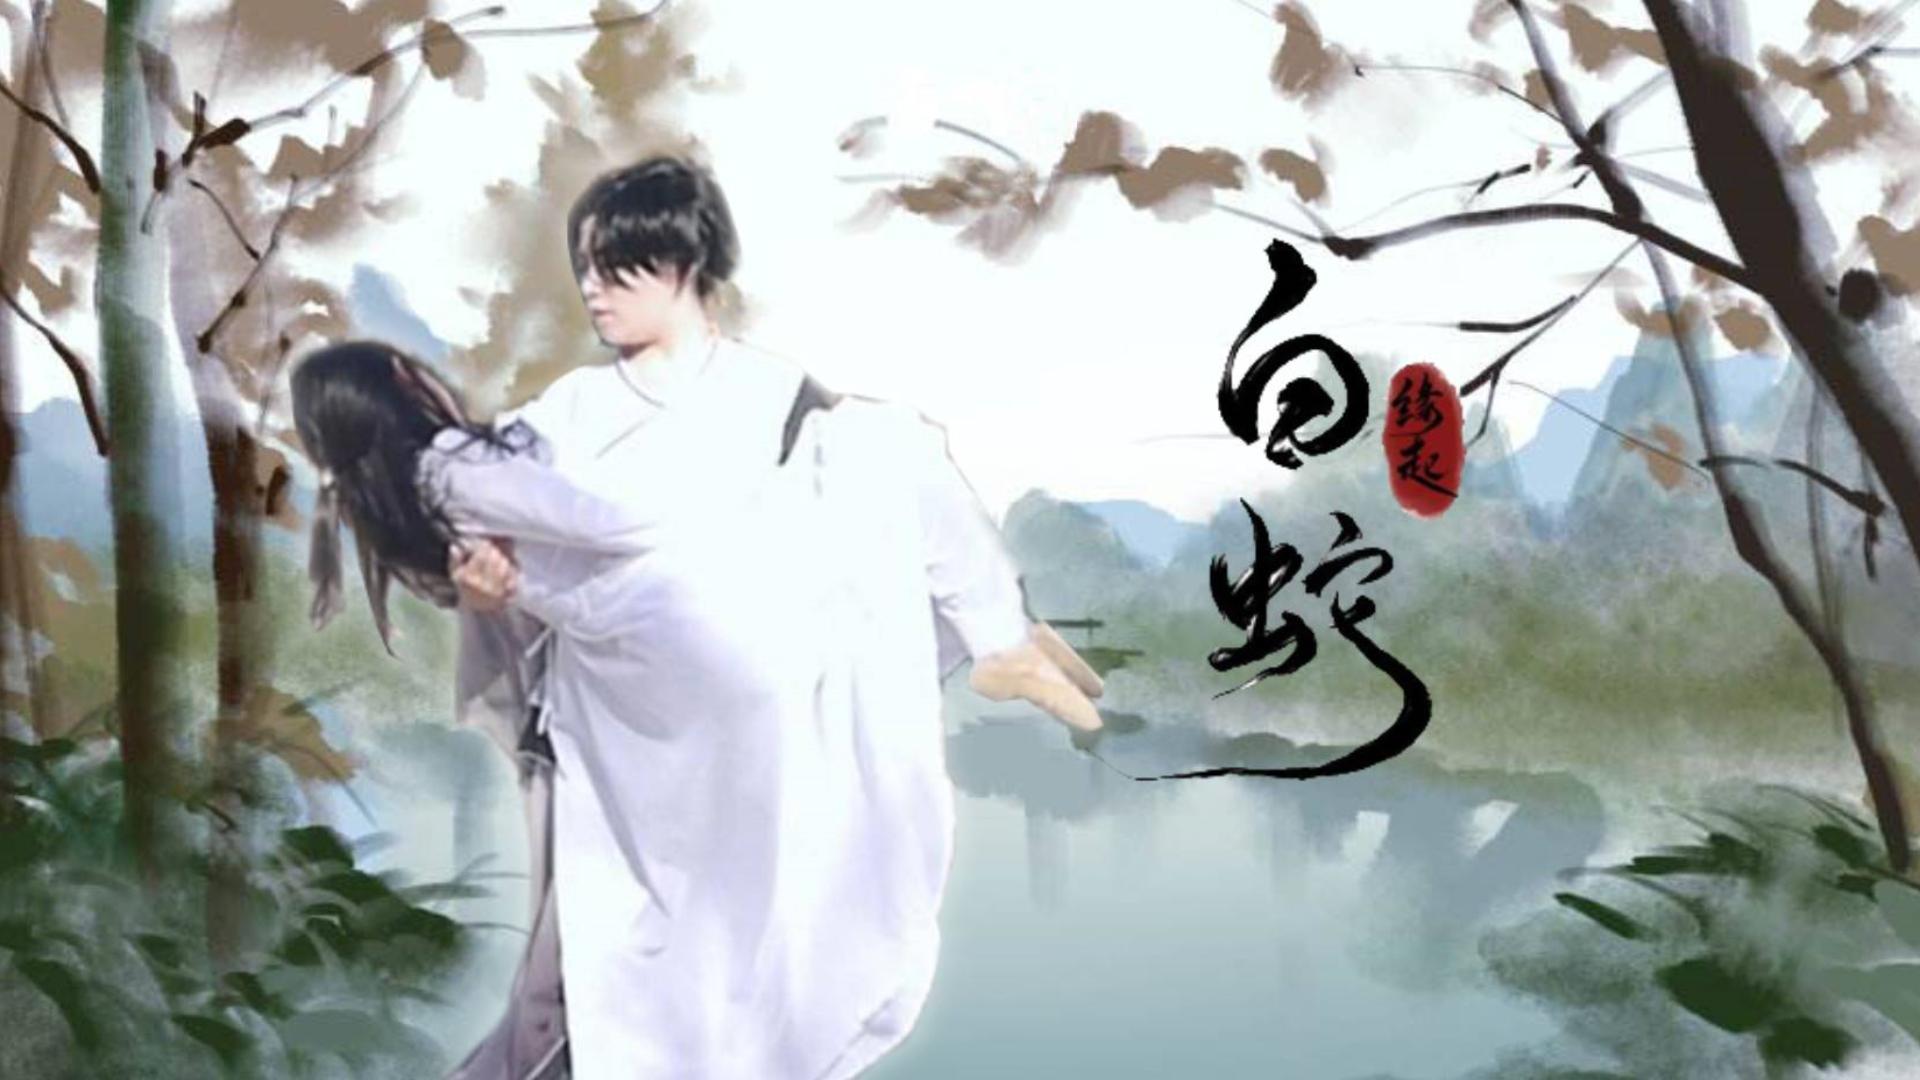 【封肆&琼林】沈阳古风dancer翻跳【白蛇缘起】,结尾有高能!